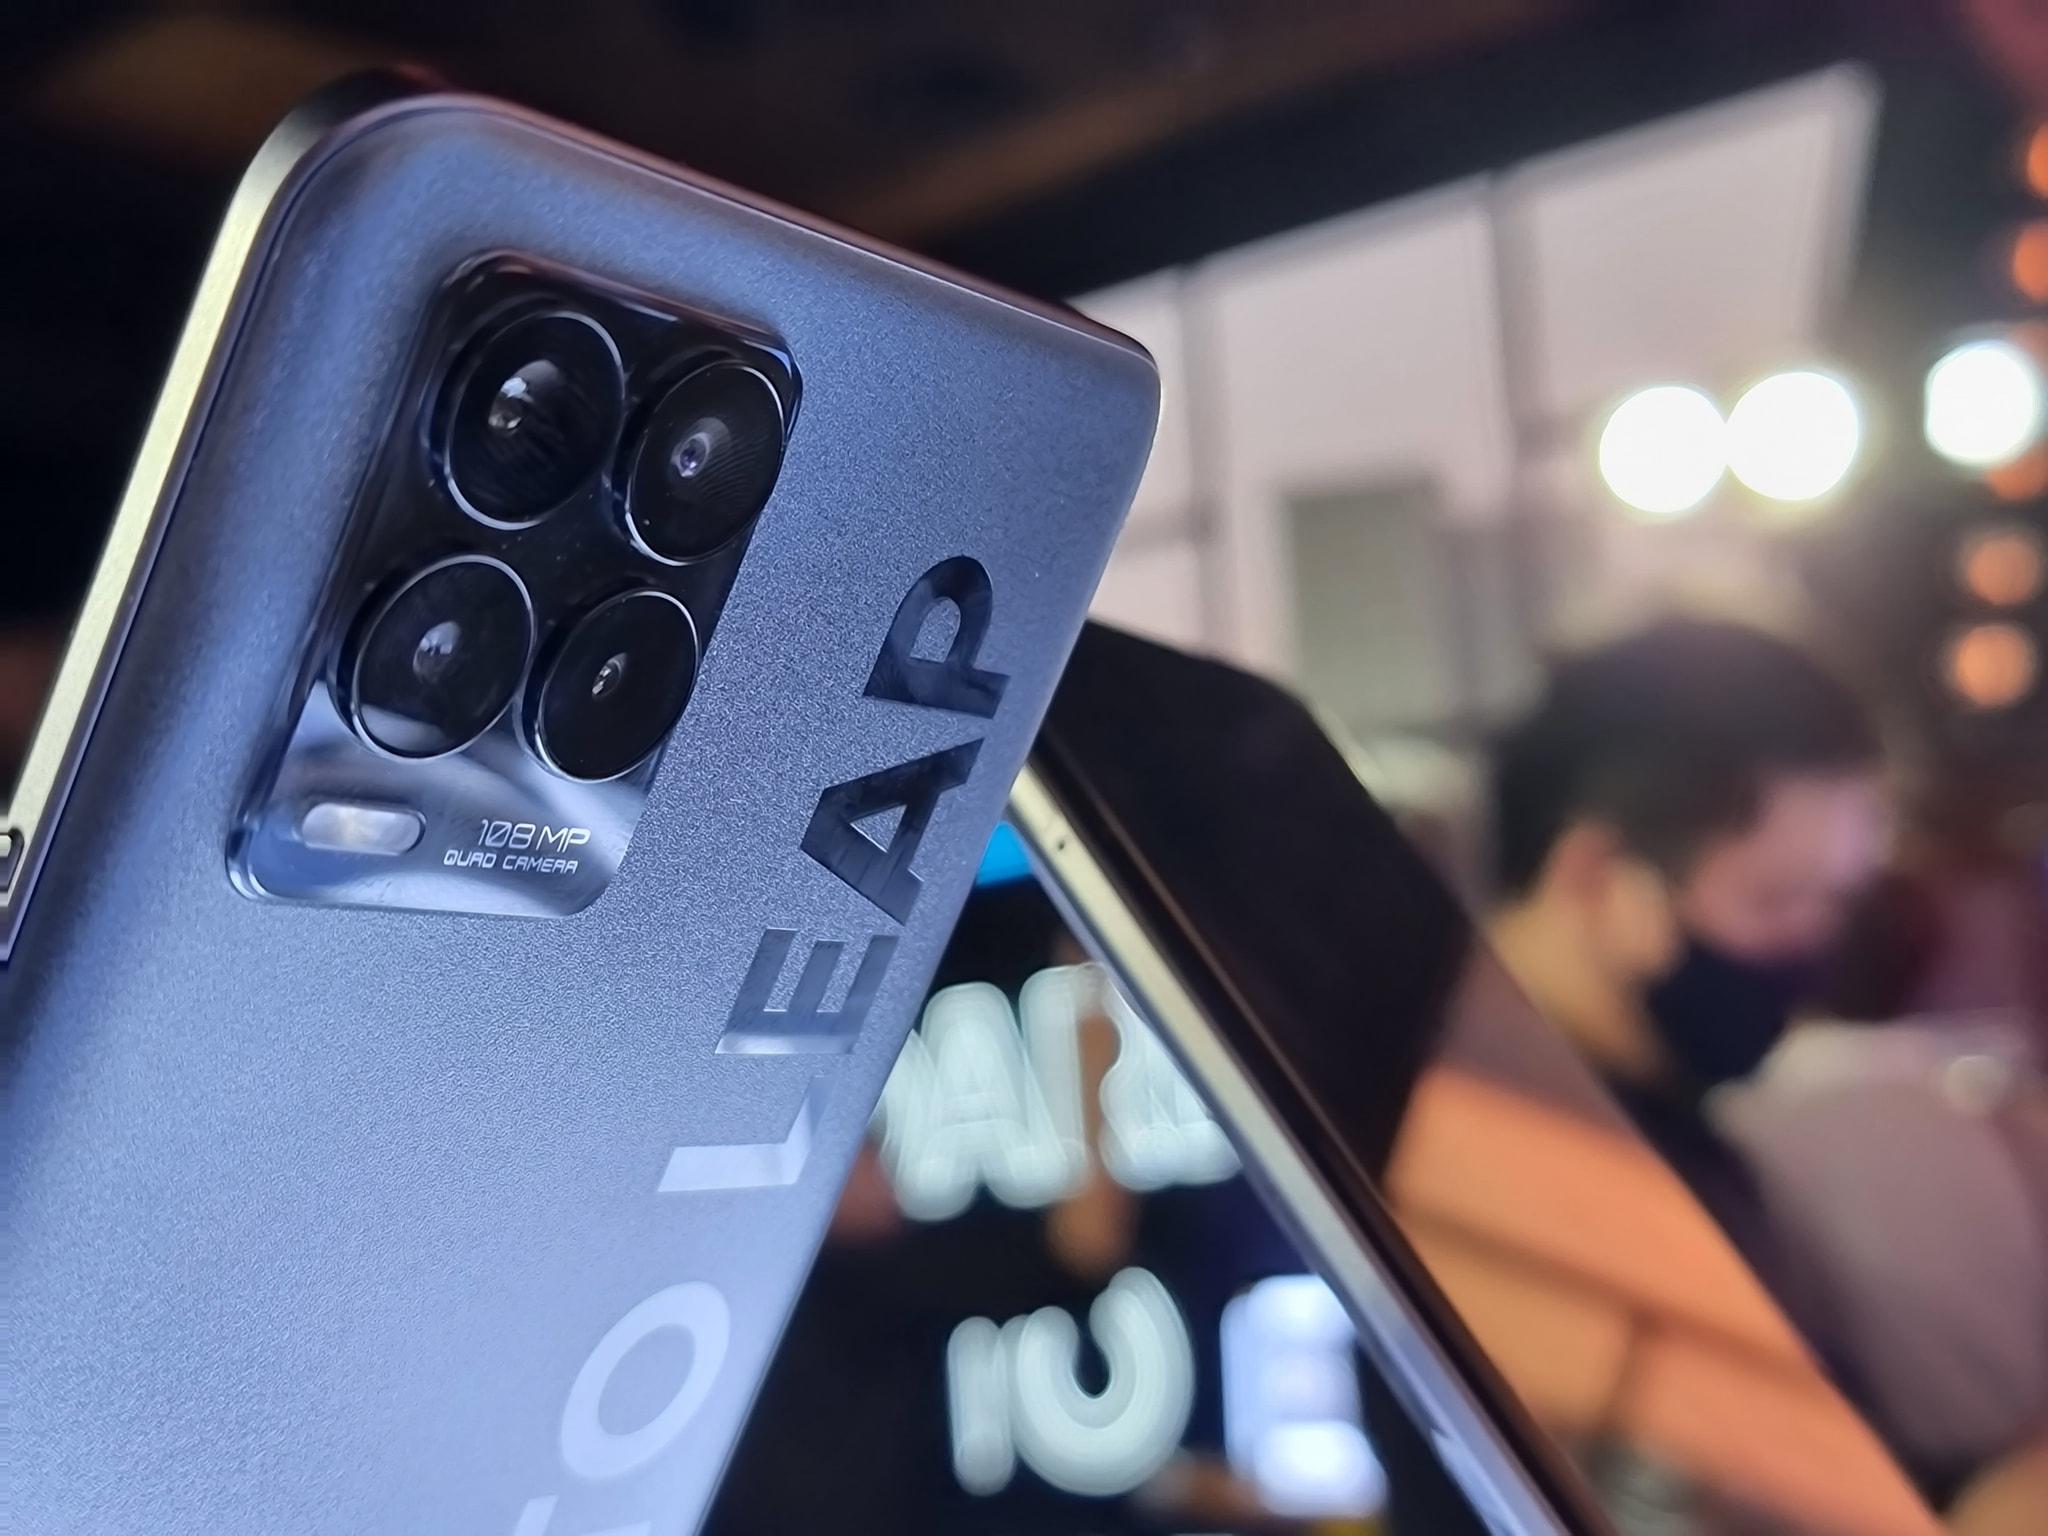 Thị trường điện thoại tháng 5 thêm tân binh mới, ghi điểm với camera 108MP - Ảnh 1.